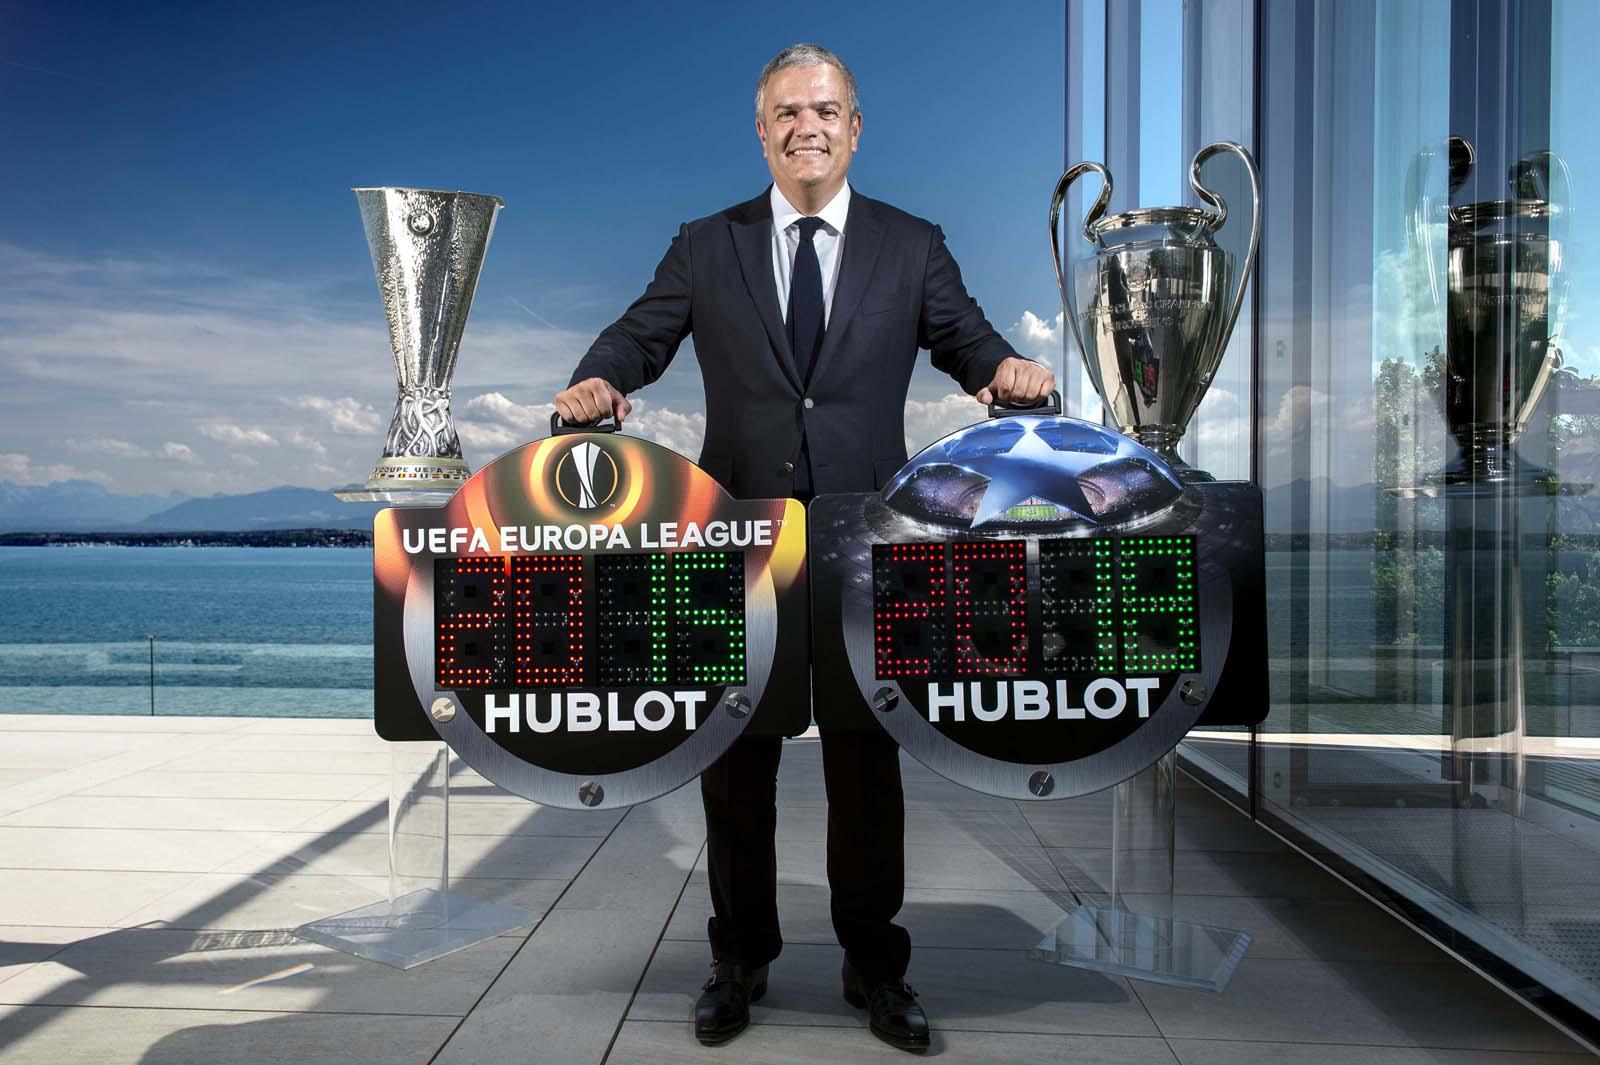 HUBLOT宇舶錶與歐洲足球總會再度聯手,為歐洲足球版圖增添色彩。